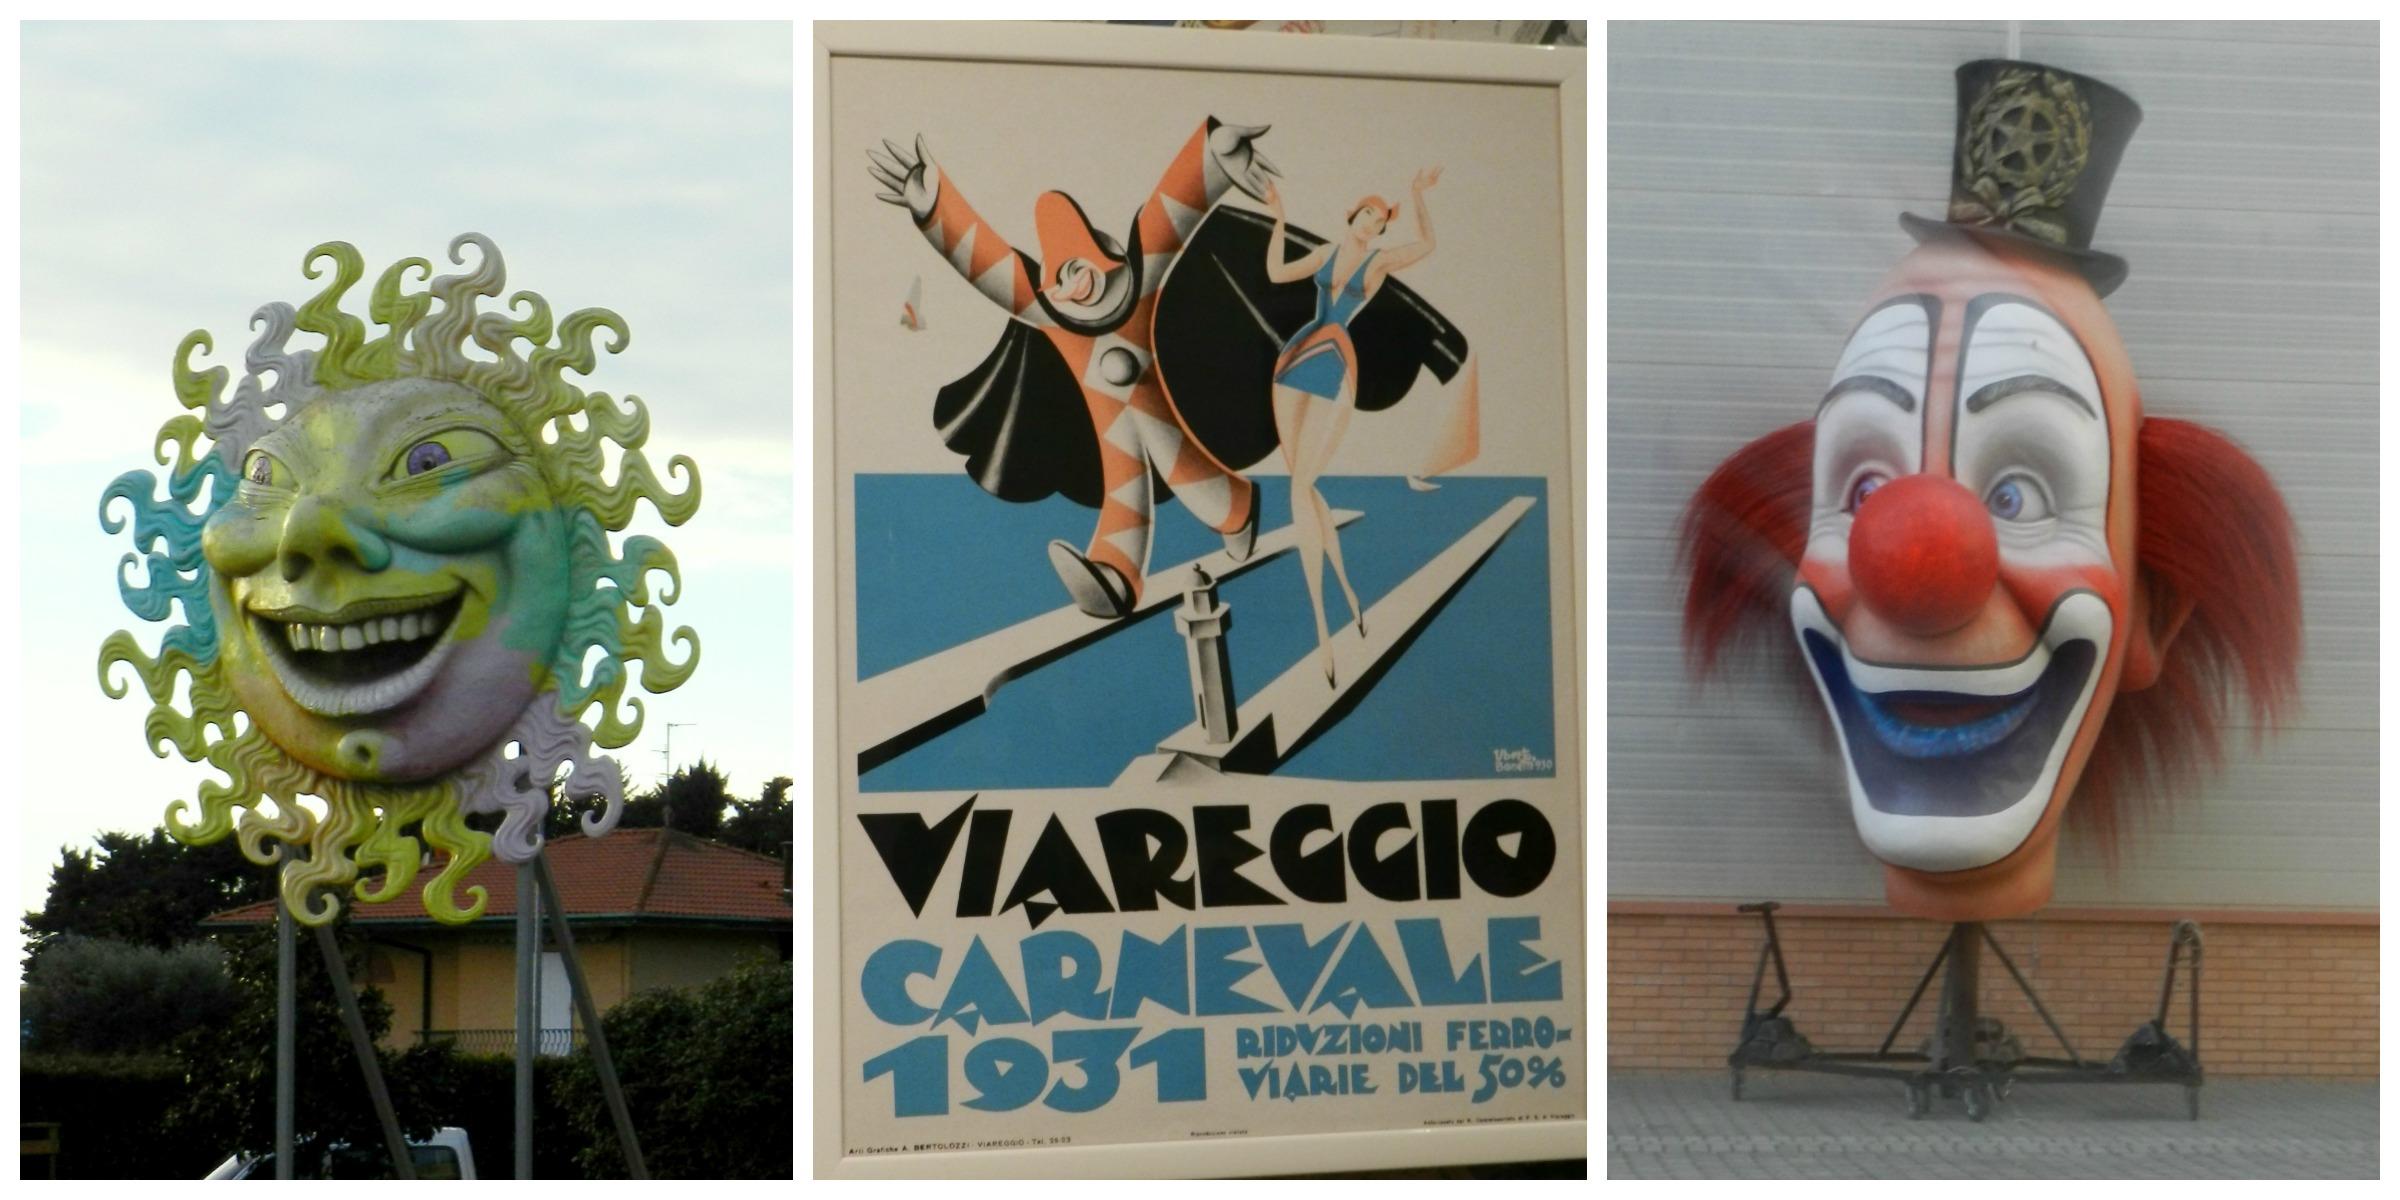 Viareggio: Visita alla Cittadella del Carnevale